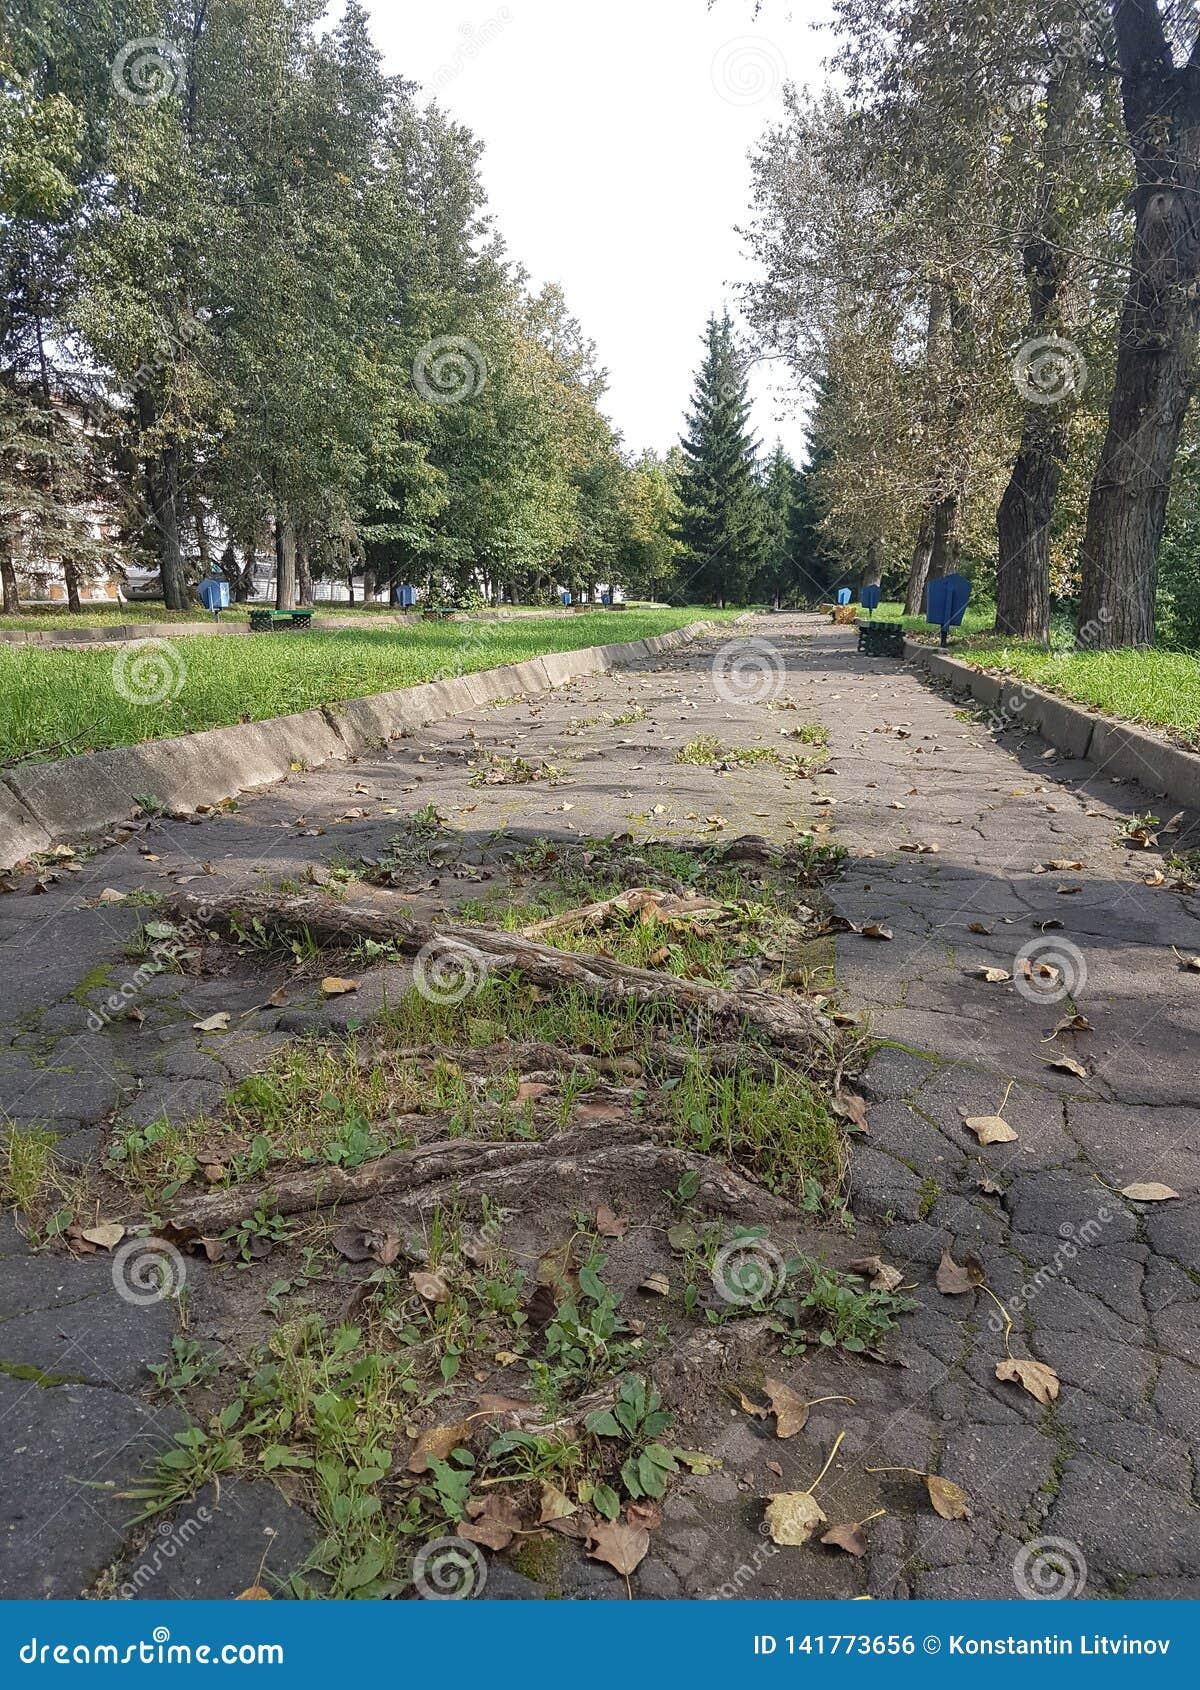 Die Gruben und die Schlaglöcher auf einer Landstraße nach Regen im Sommer unter den grünen Bäumen, Russland